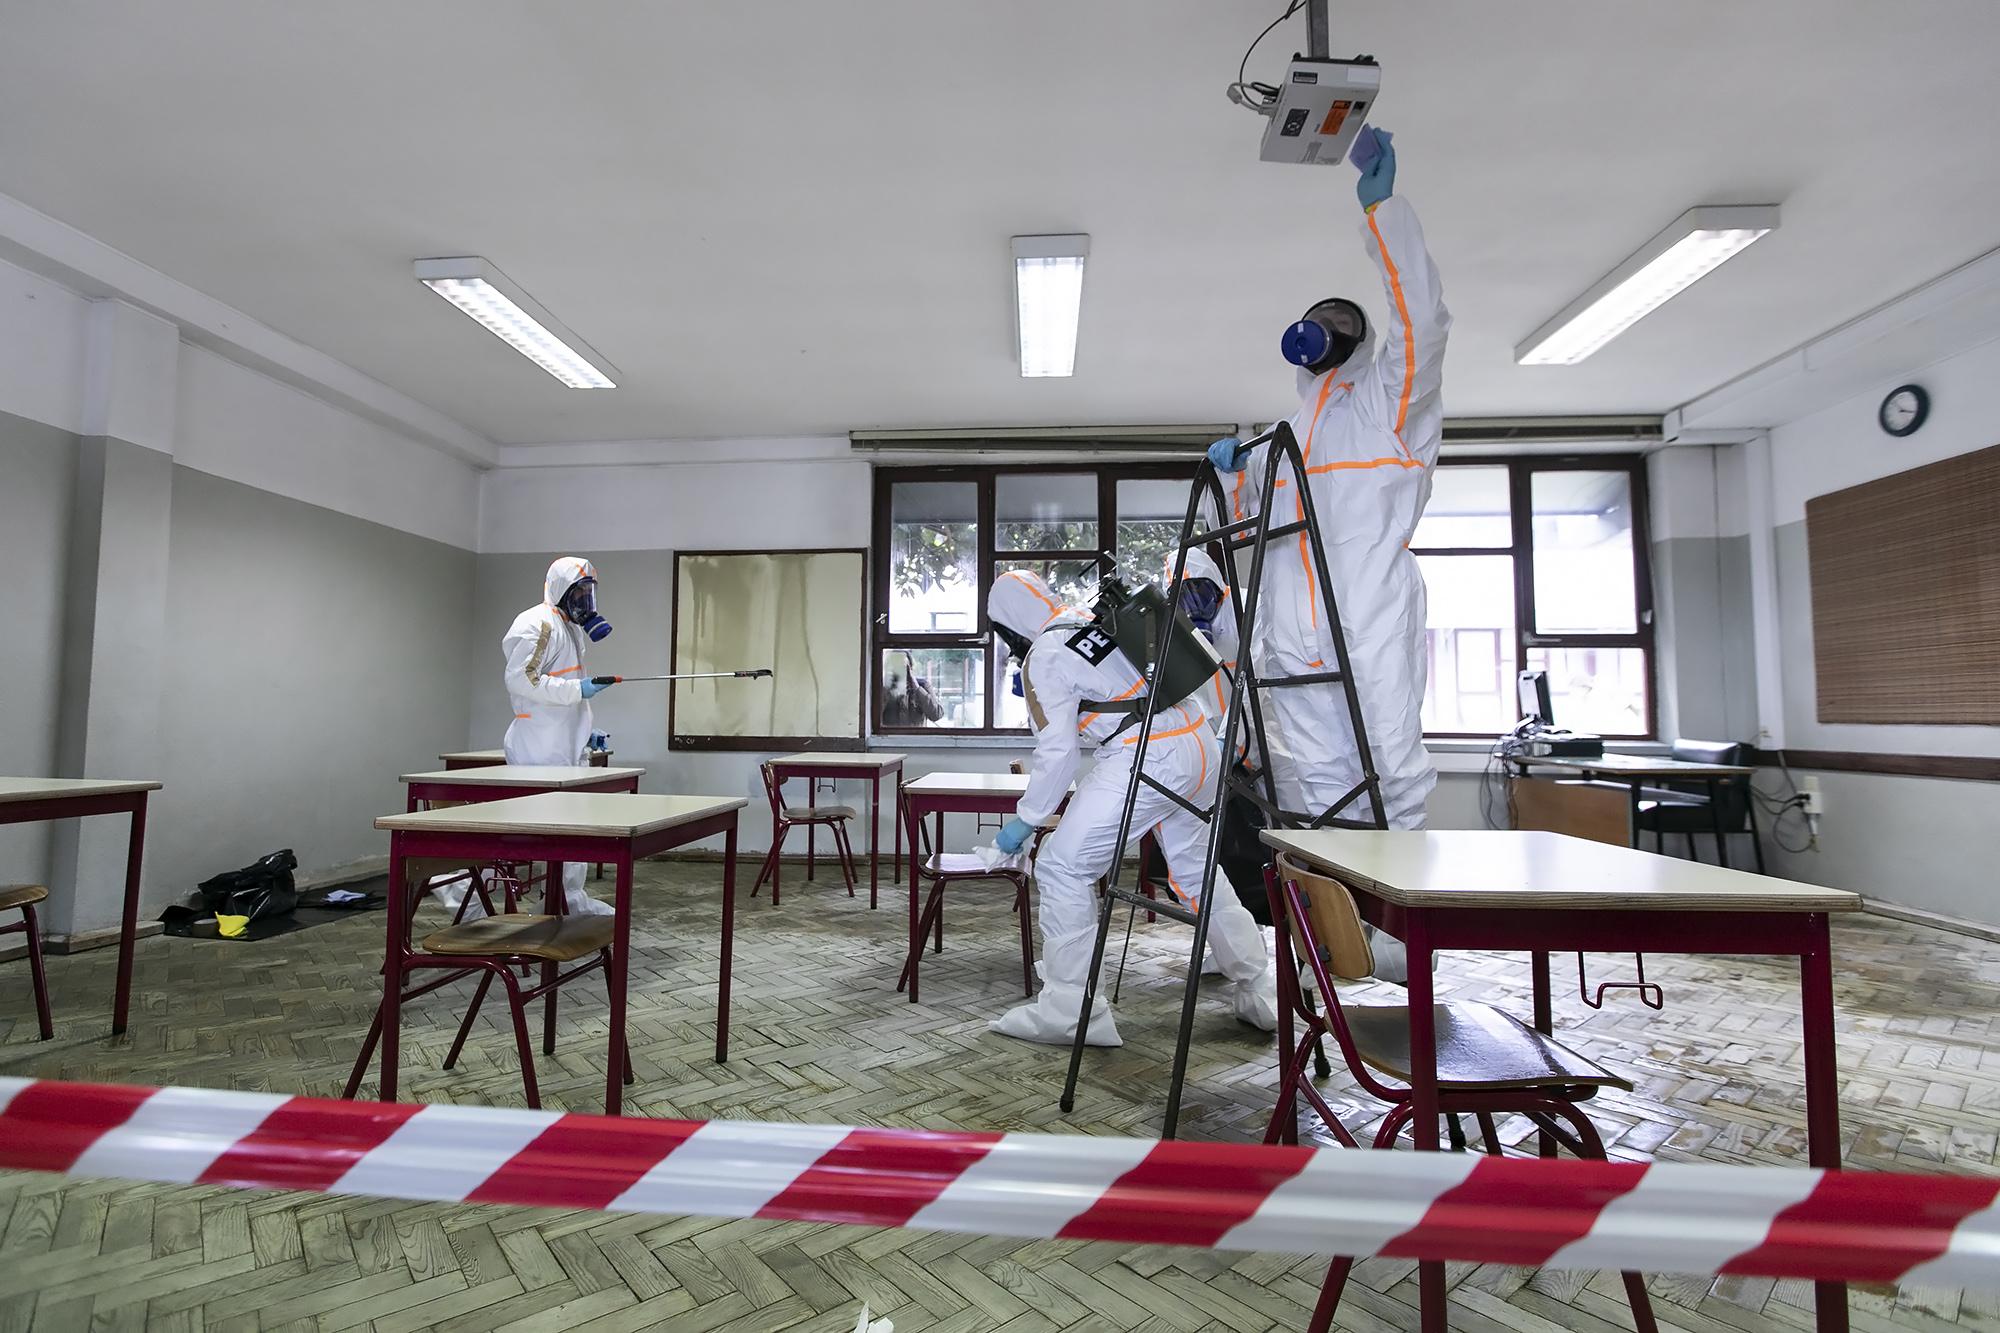 Forças Armadas realizam ação de desinfeção na Escola Secundária da Amadora - 29ABR20